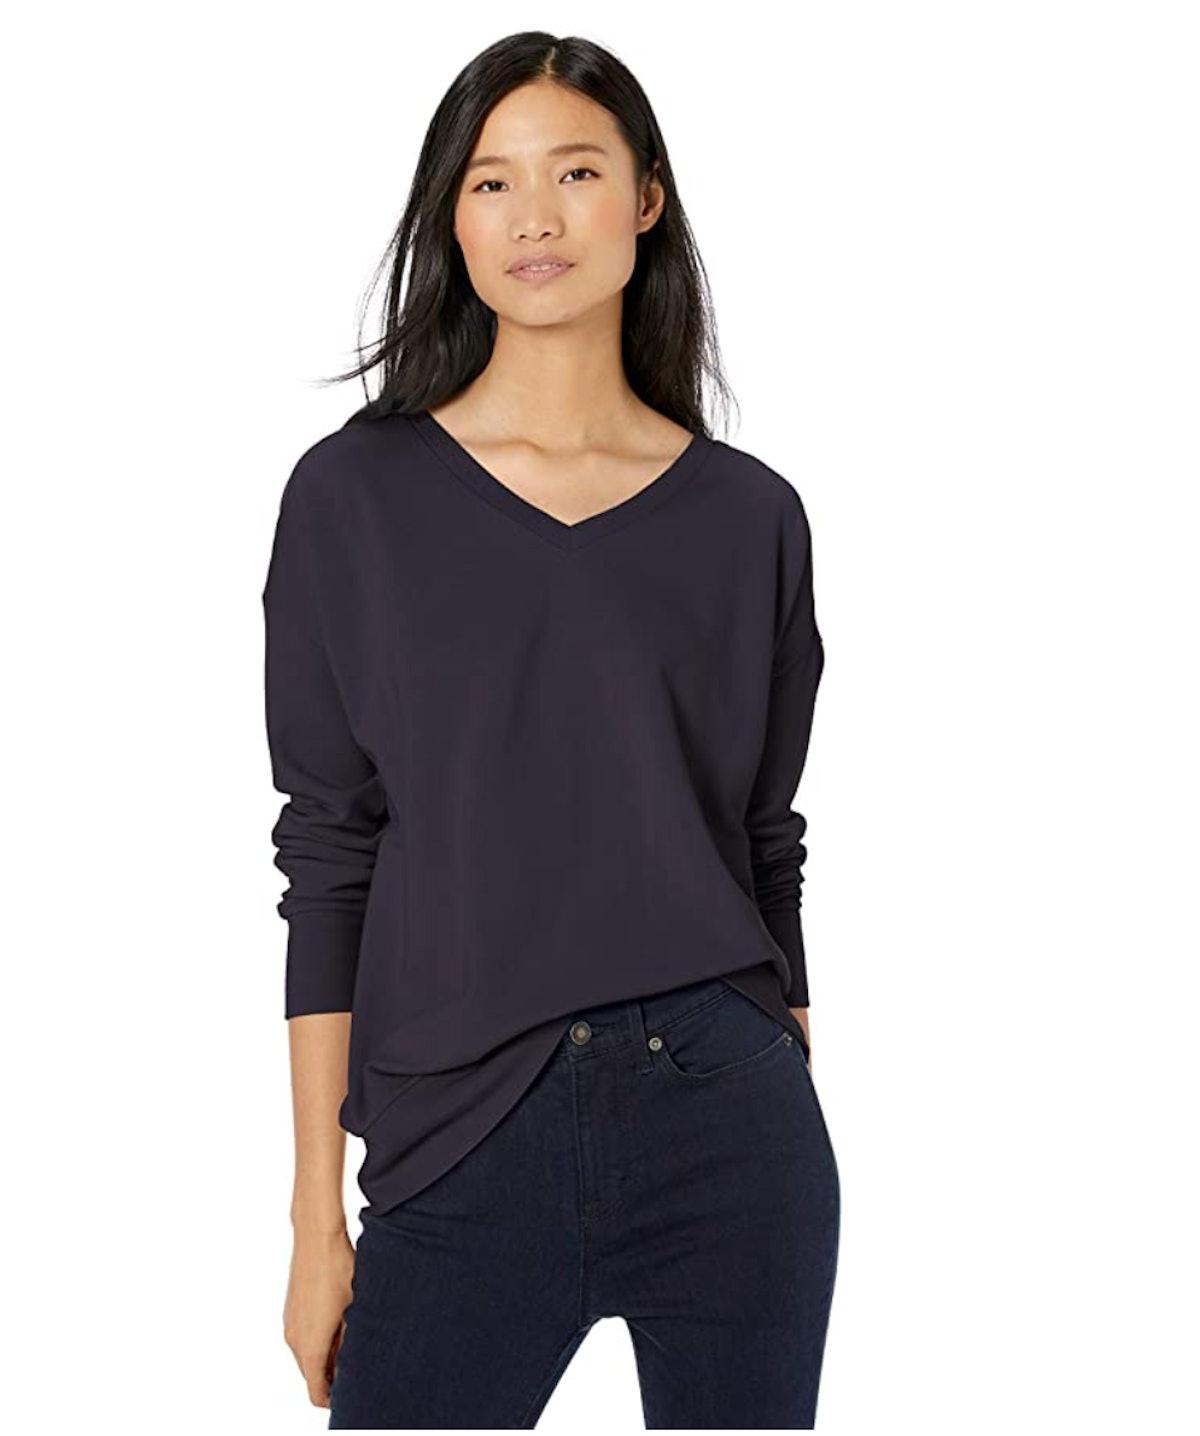 Goodthreads Women's Drop Shoulder Sweatshirt